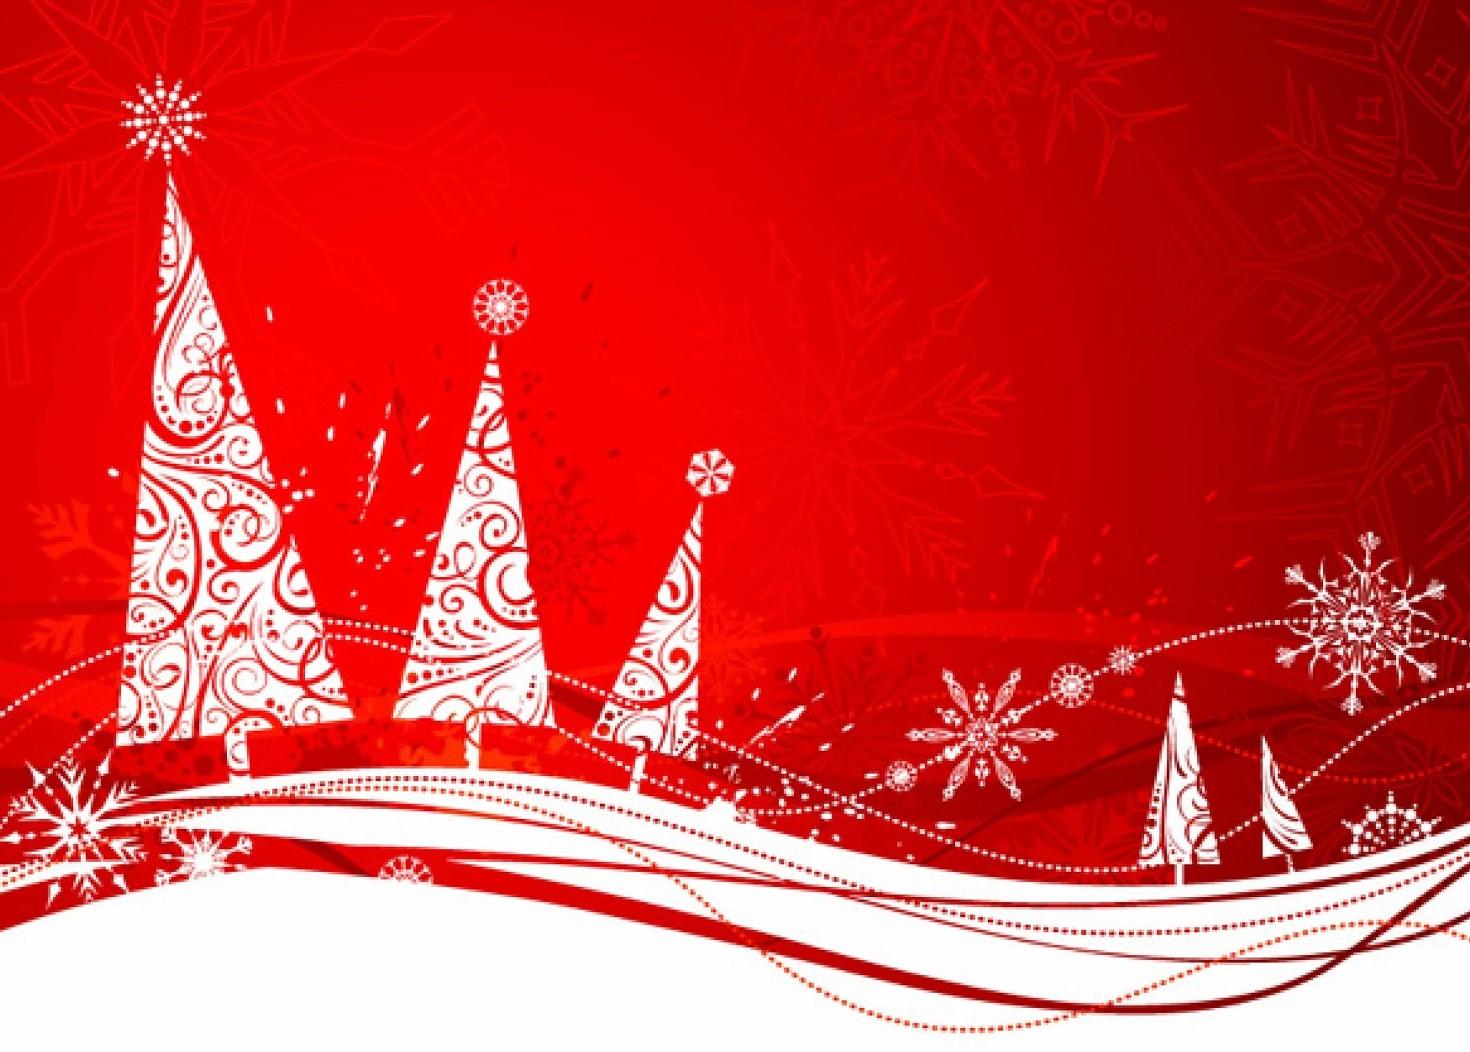 Frasi Auguri di Natale per fare auguri d